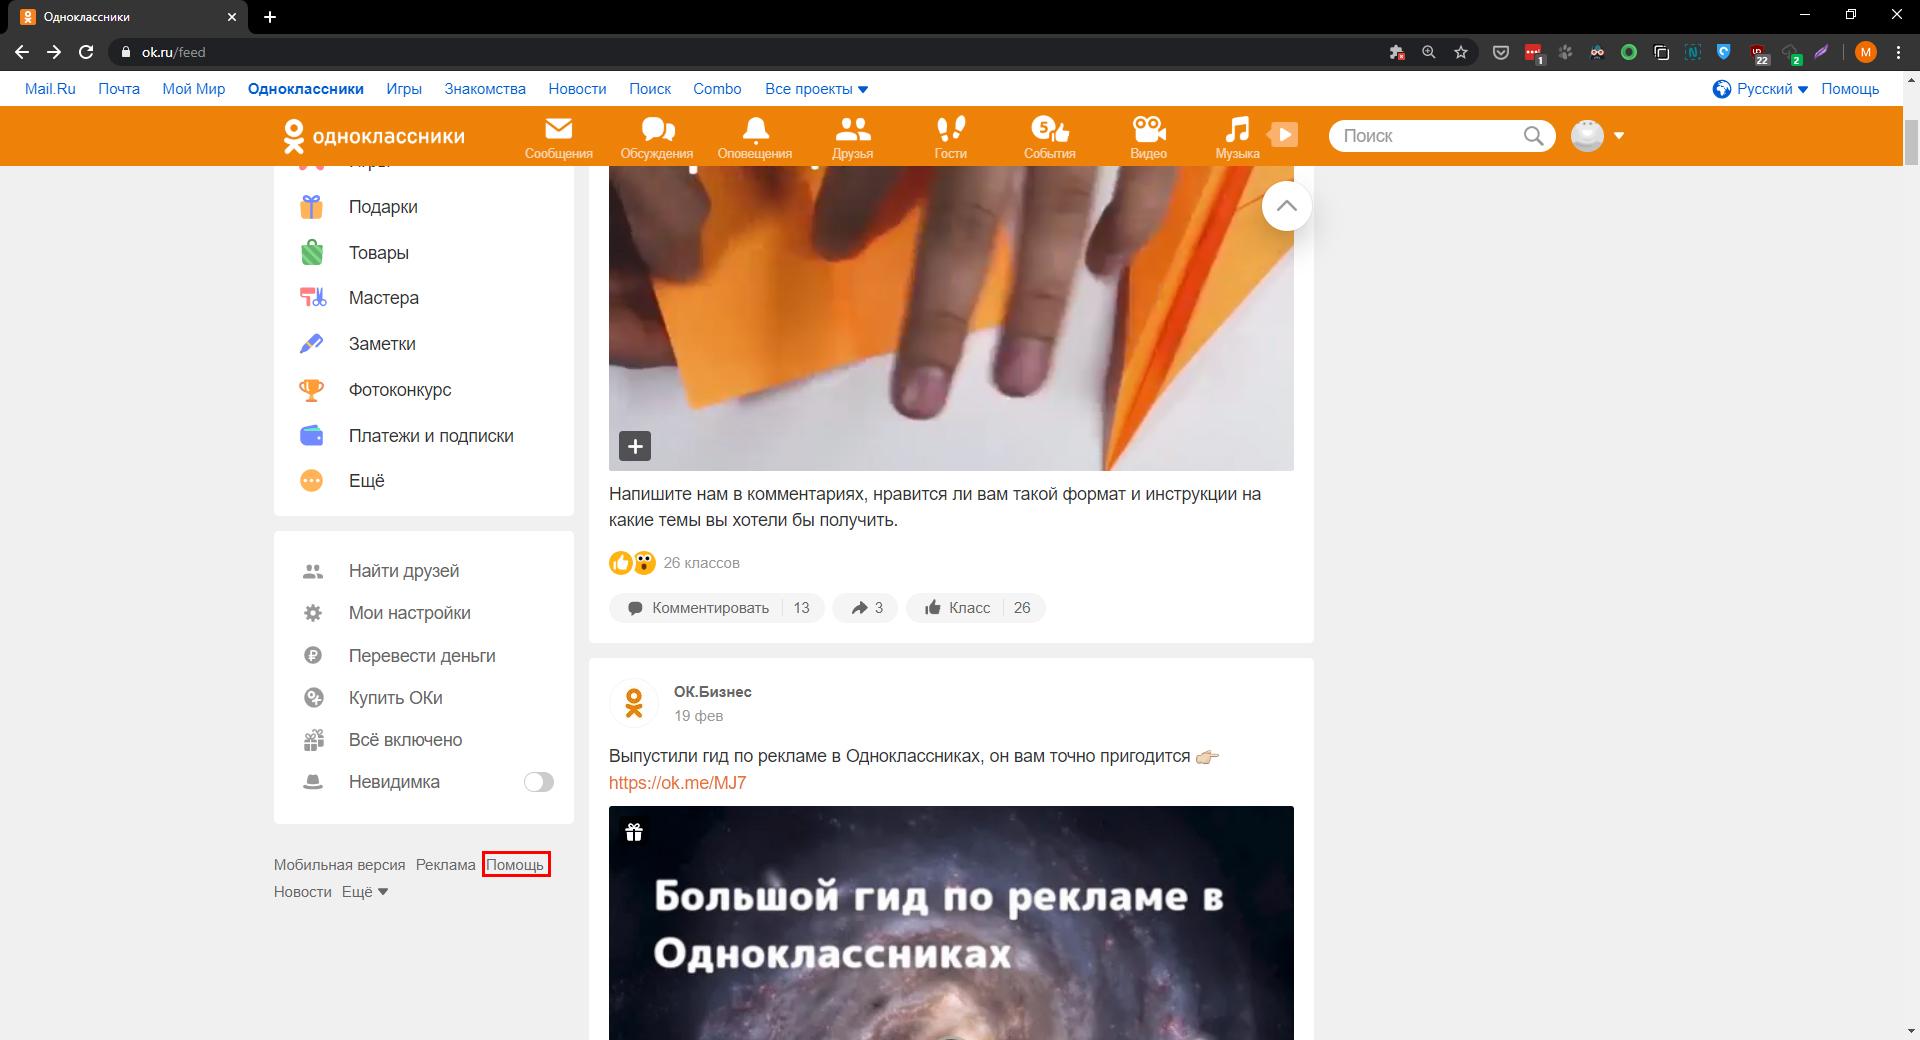 """Hogyan lehet eltávolítani a profilt Odnoklassniki-ban: kattintson a """"Súgó"""" gombra"""